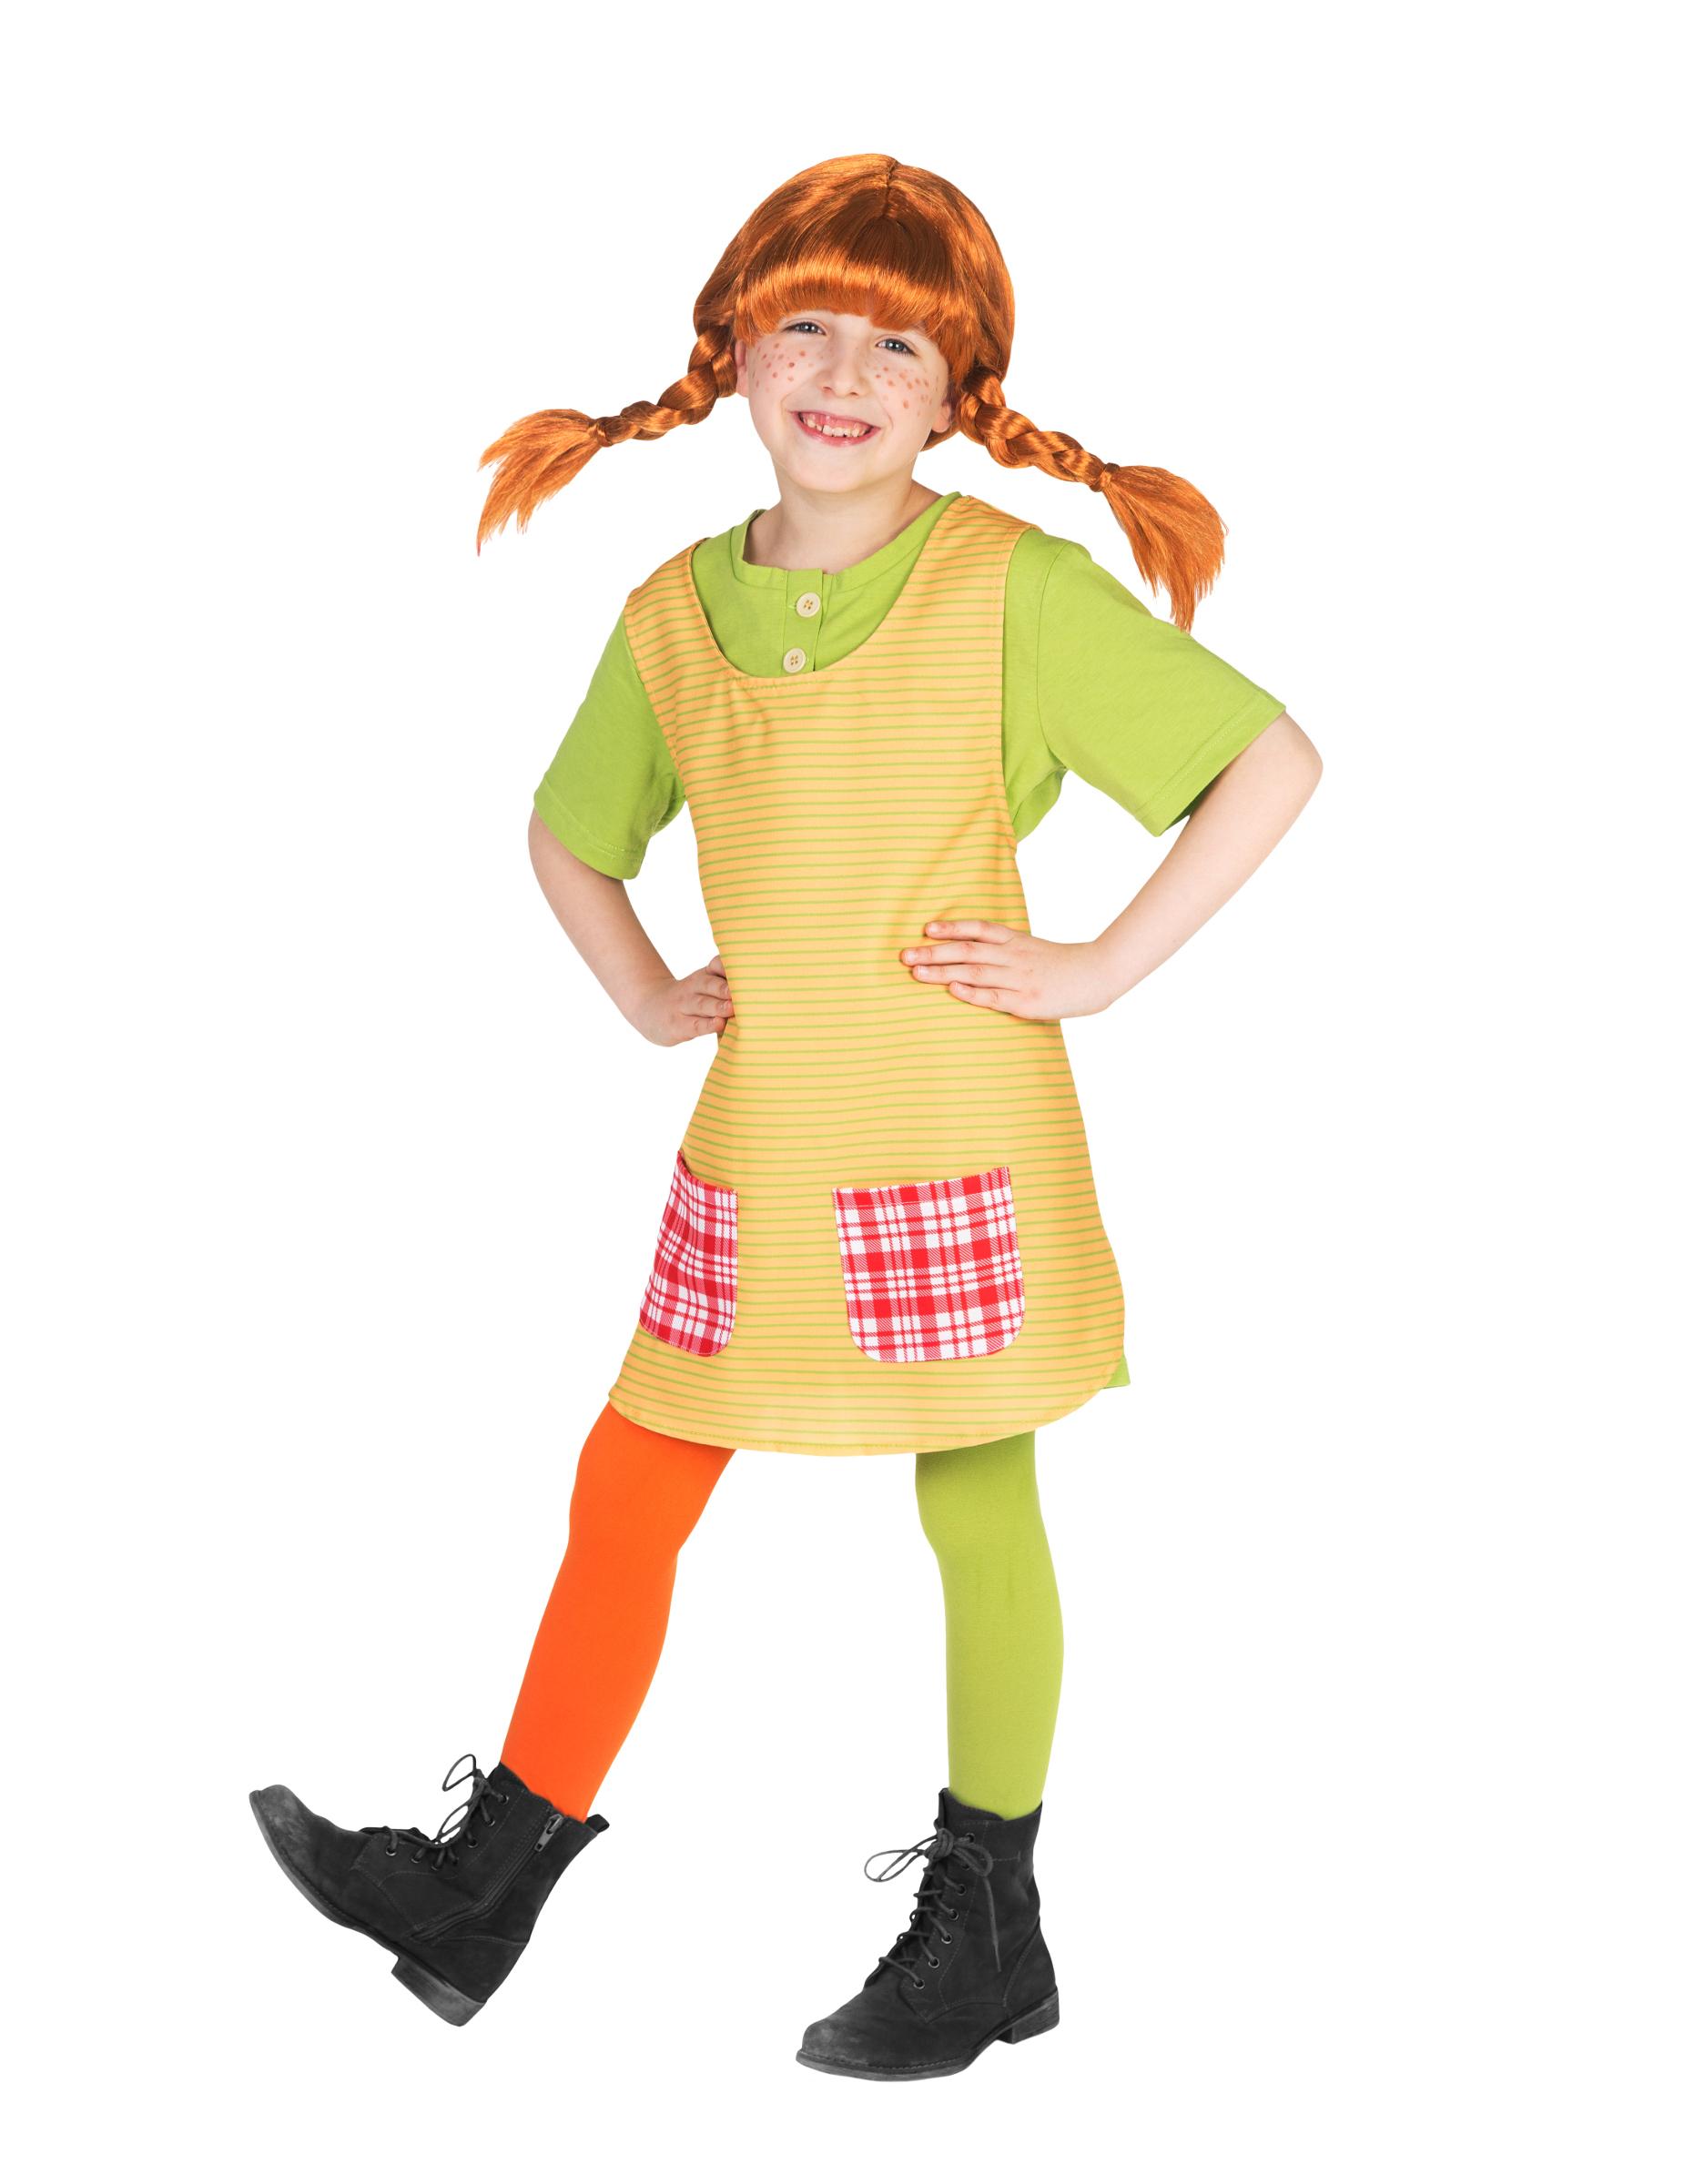 Costume pippi calzelunghe™ bambina: costumi bambini e vestiti di